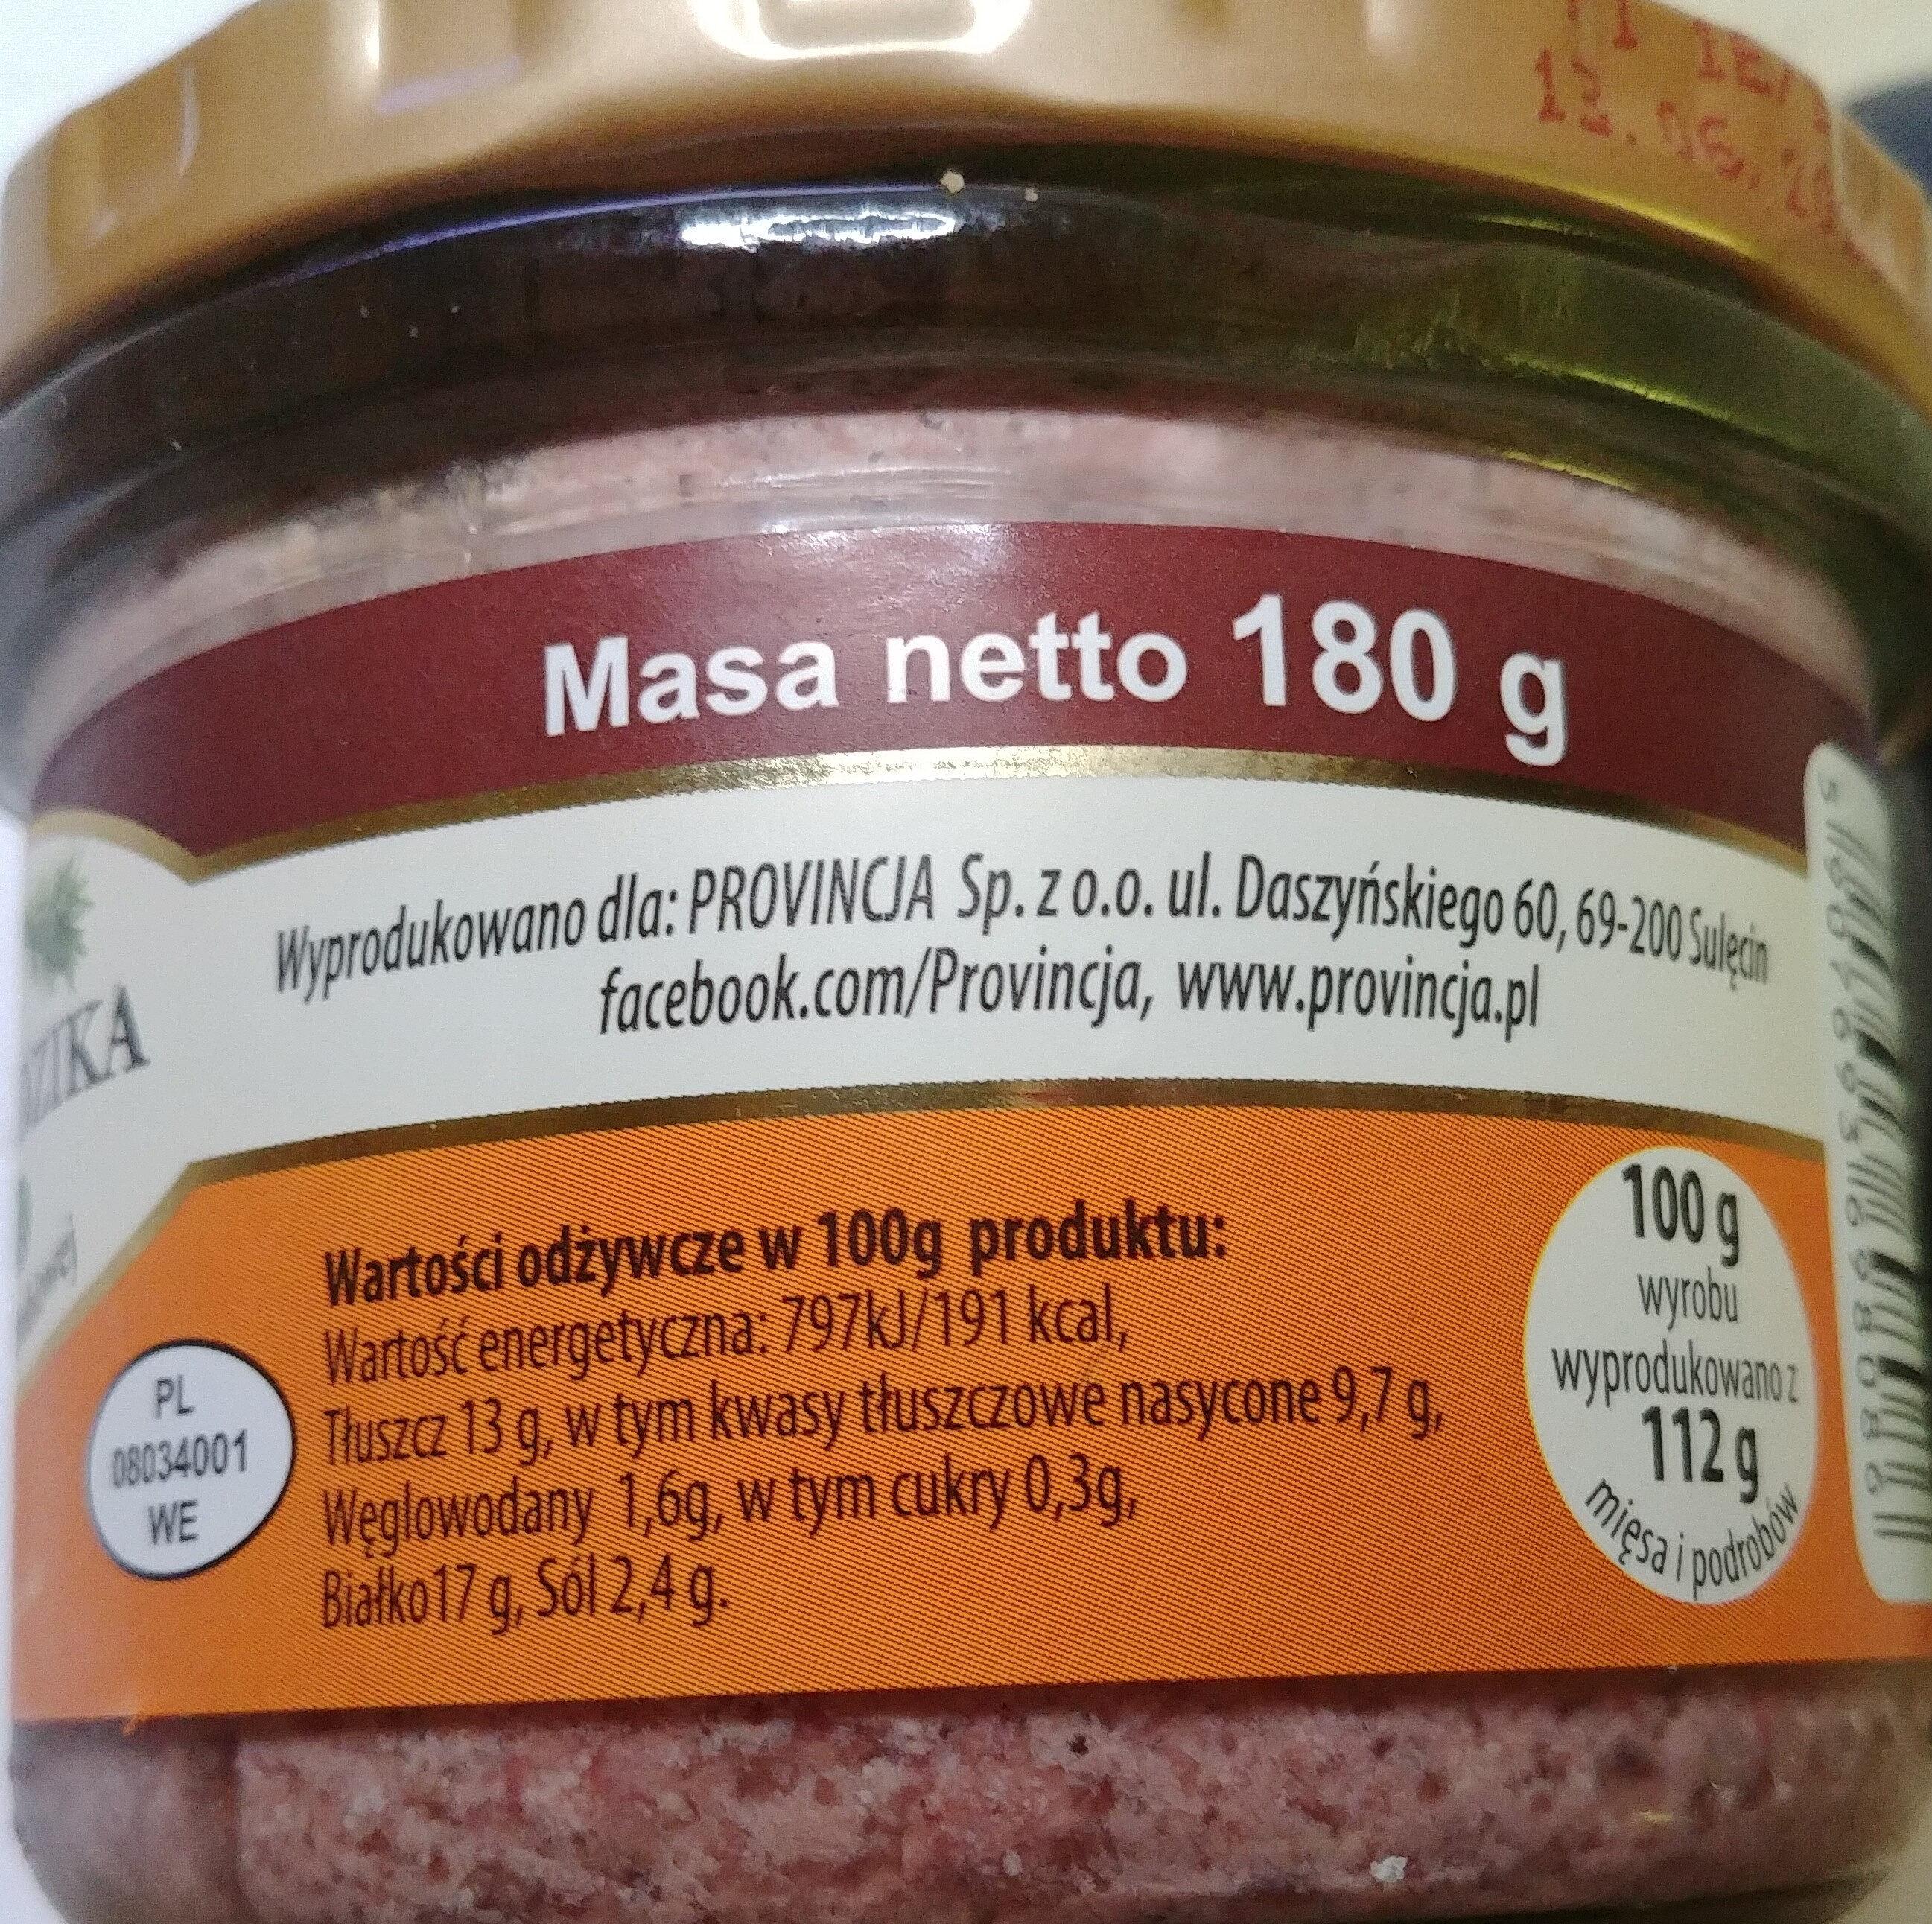 Pasztet z dzika z wątróbką drobiową - Wartości odżywcze - pl